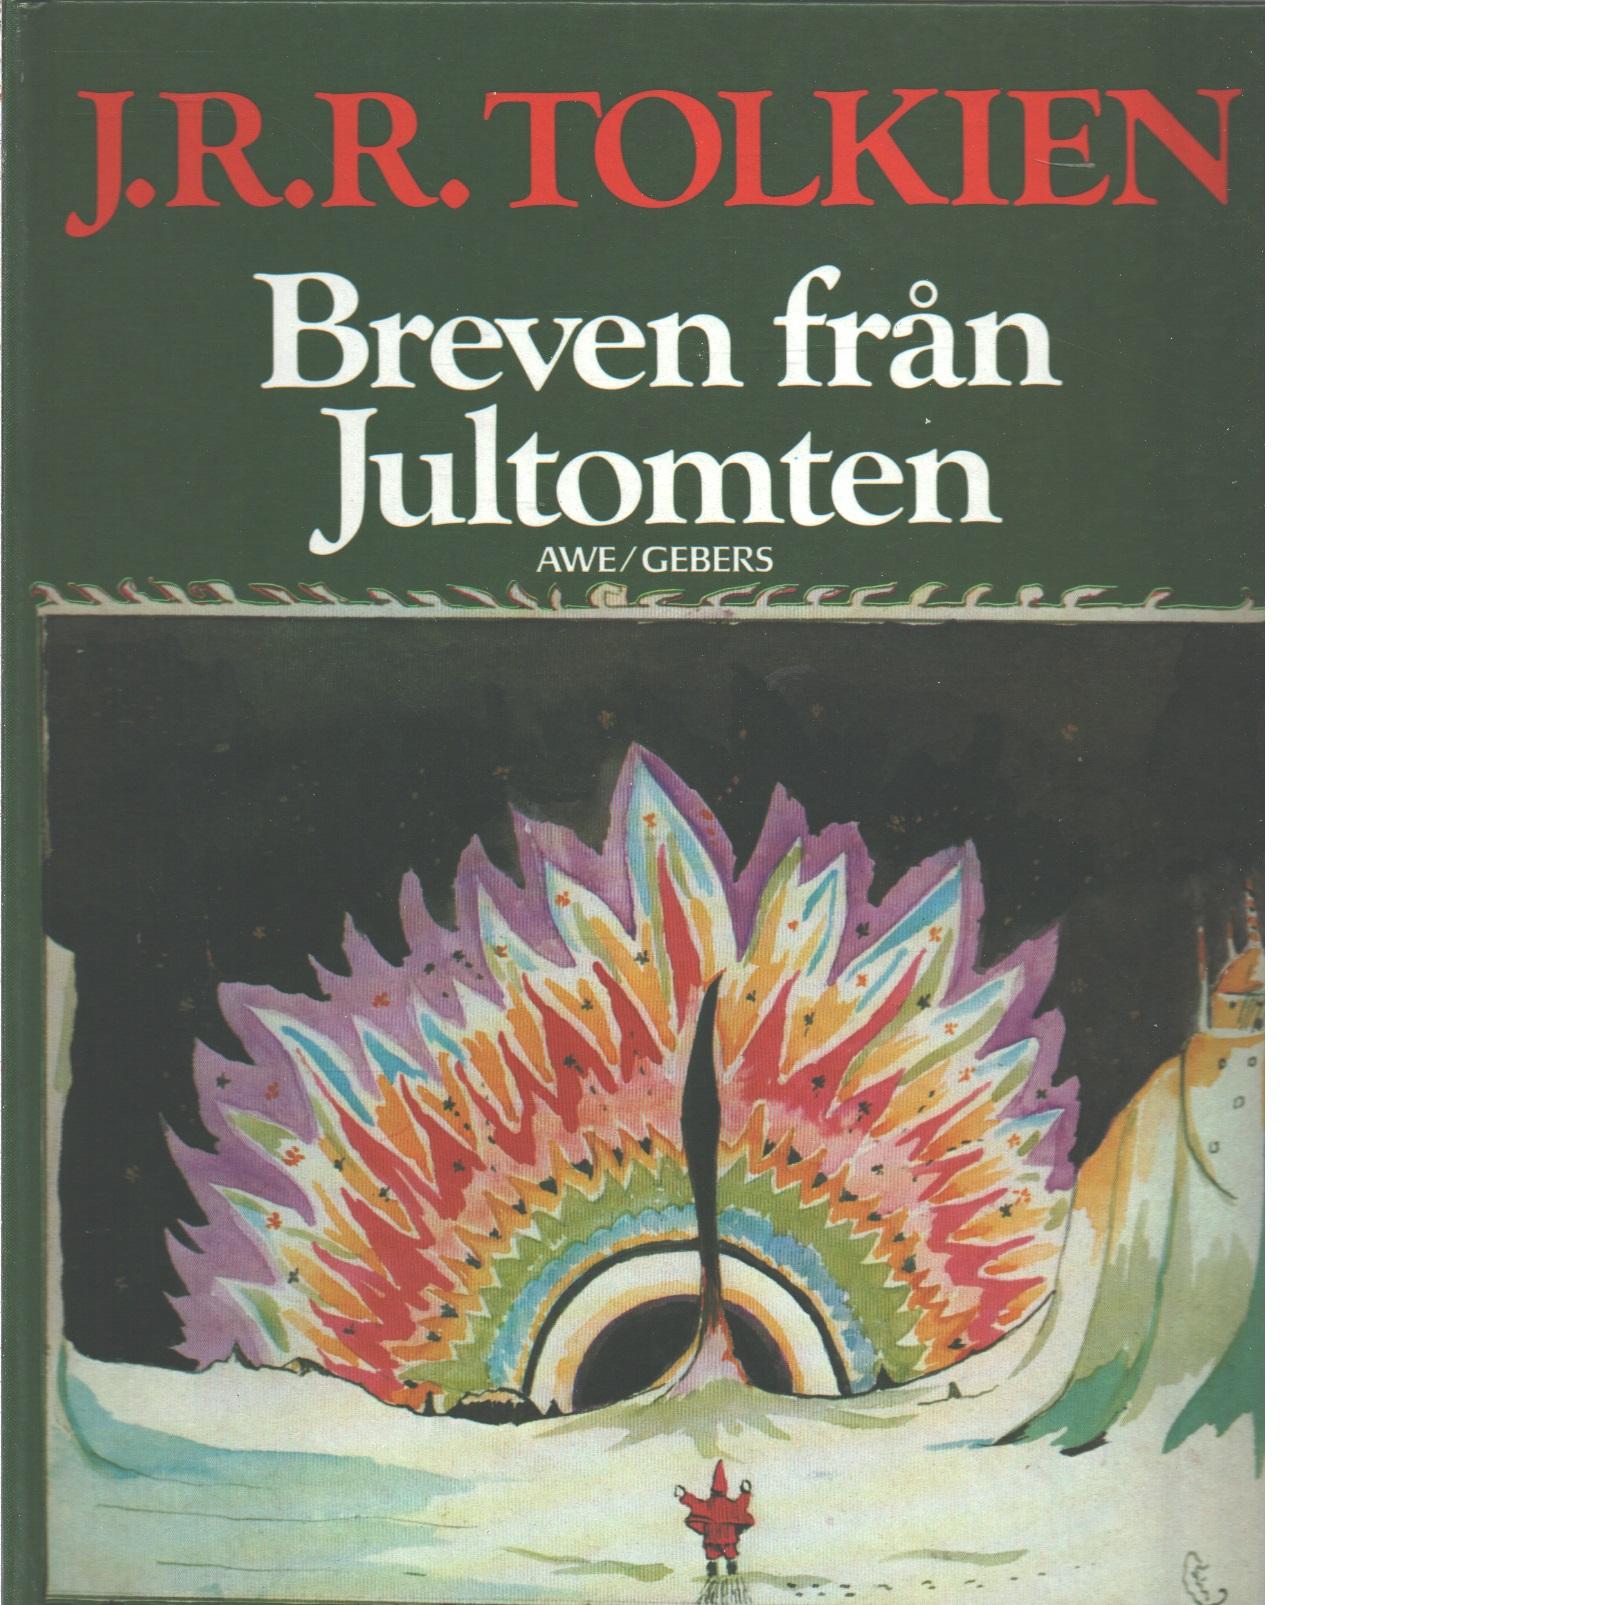 Breven från jultomten  - Tolkien, J. R. R.